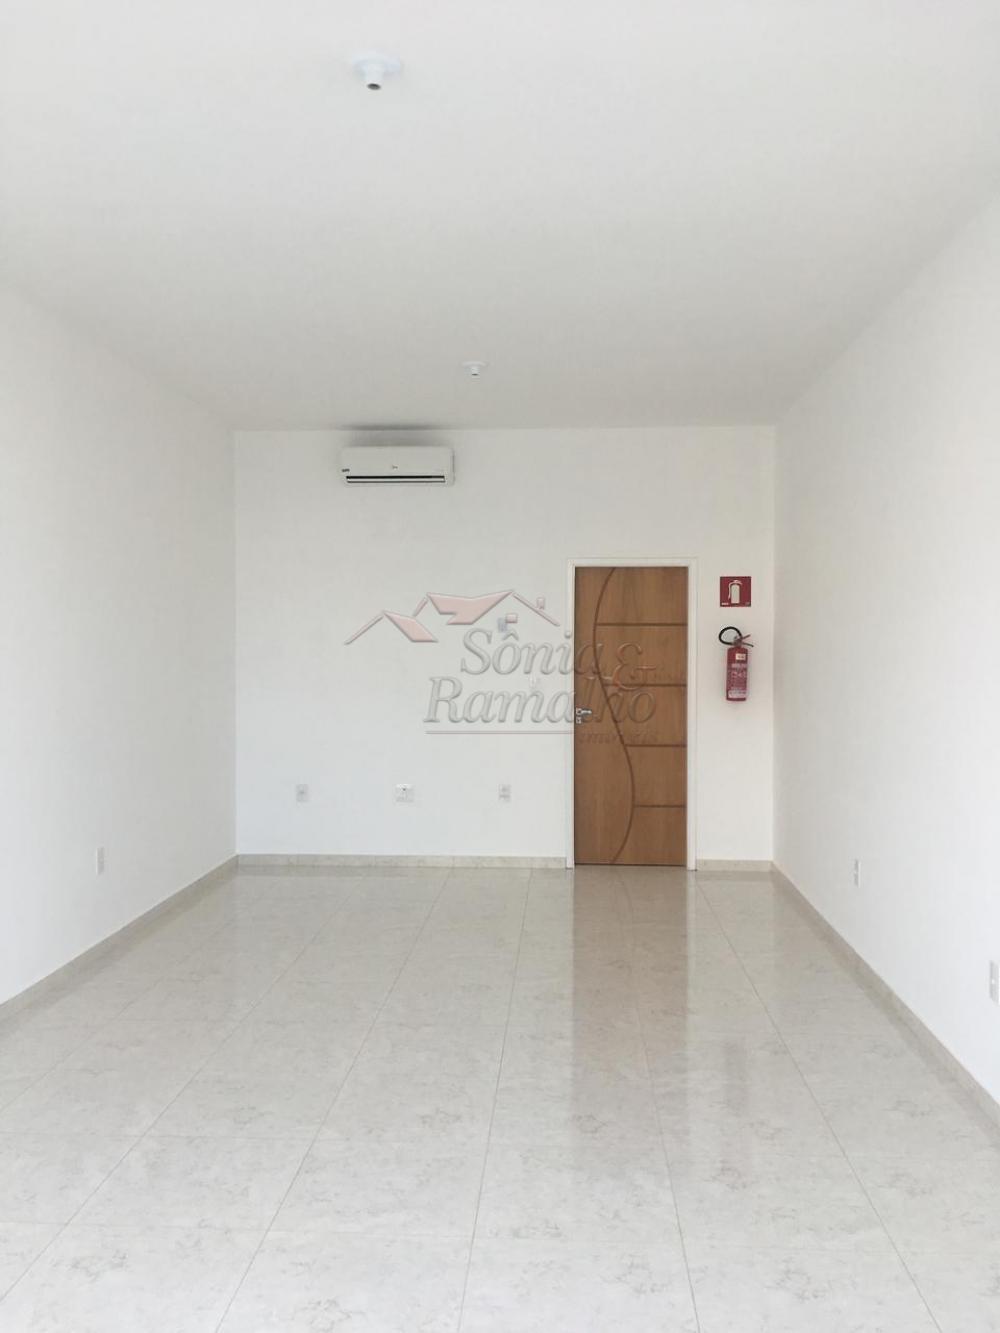 Alugar Comercial / Imóvel Comercial em Ribeirão Preto R$ 900,00 - Foto 1